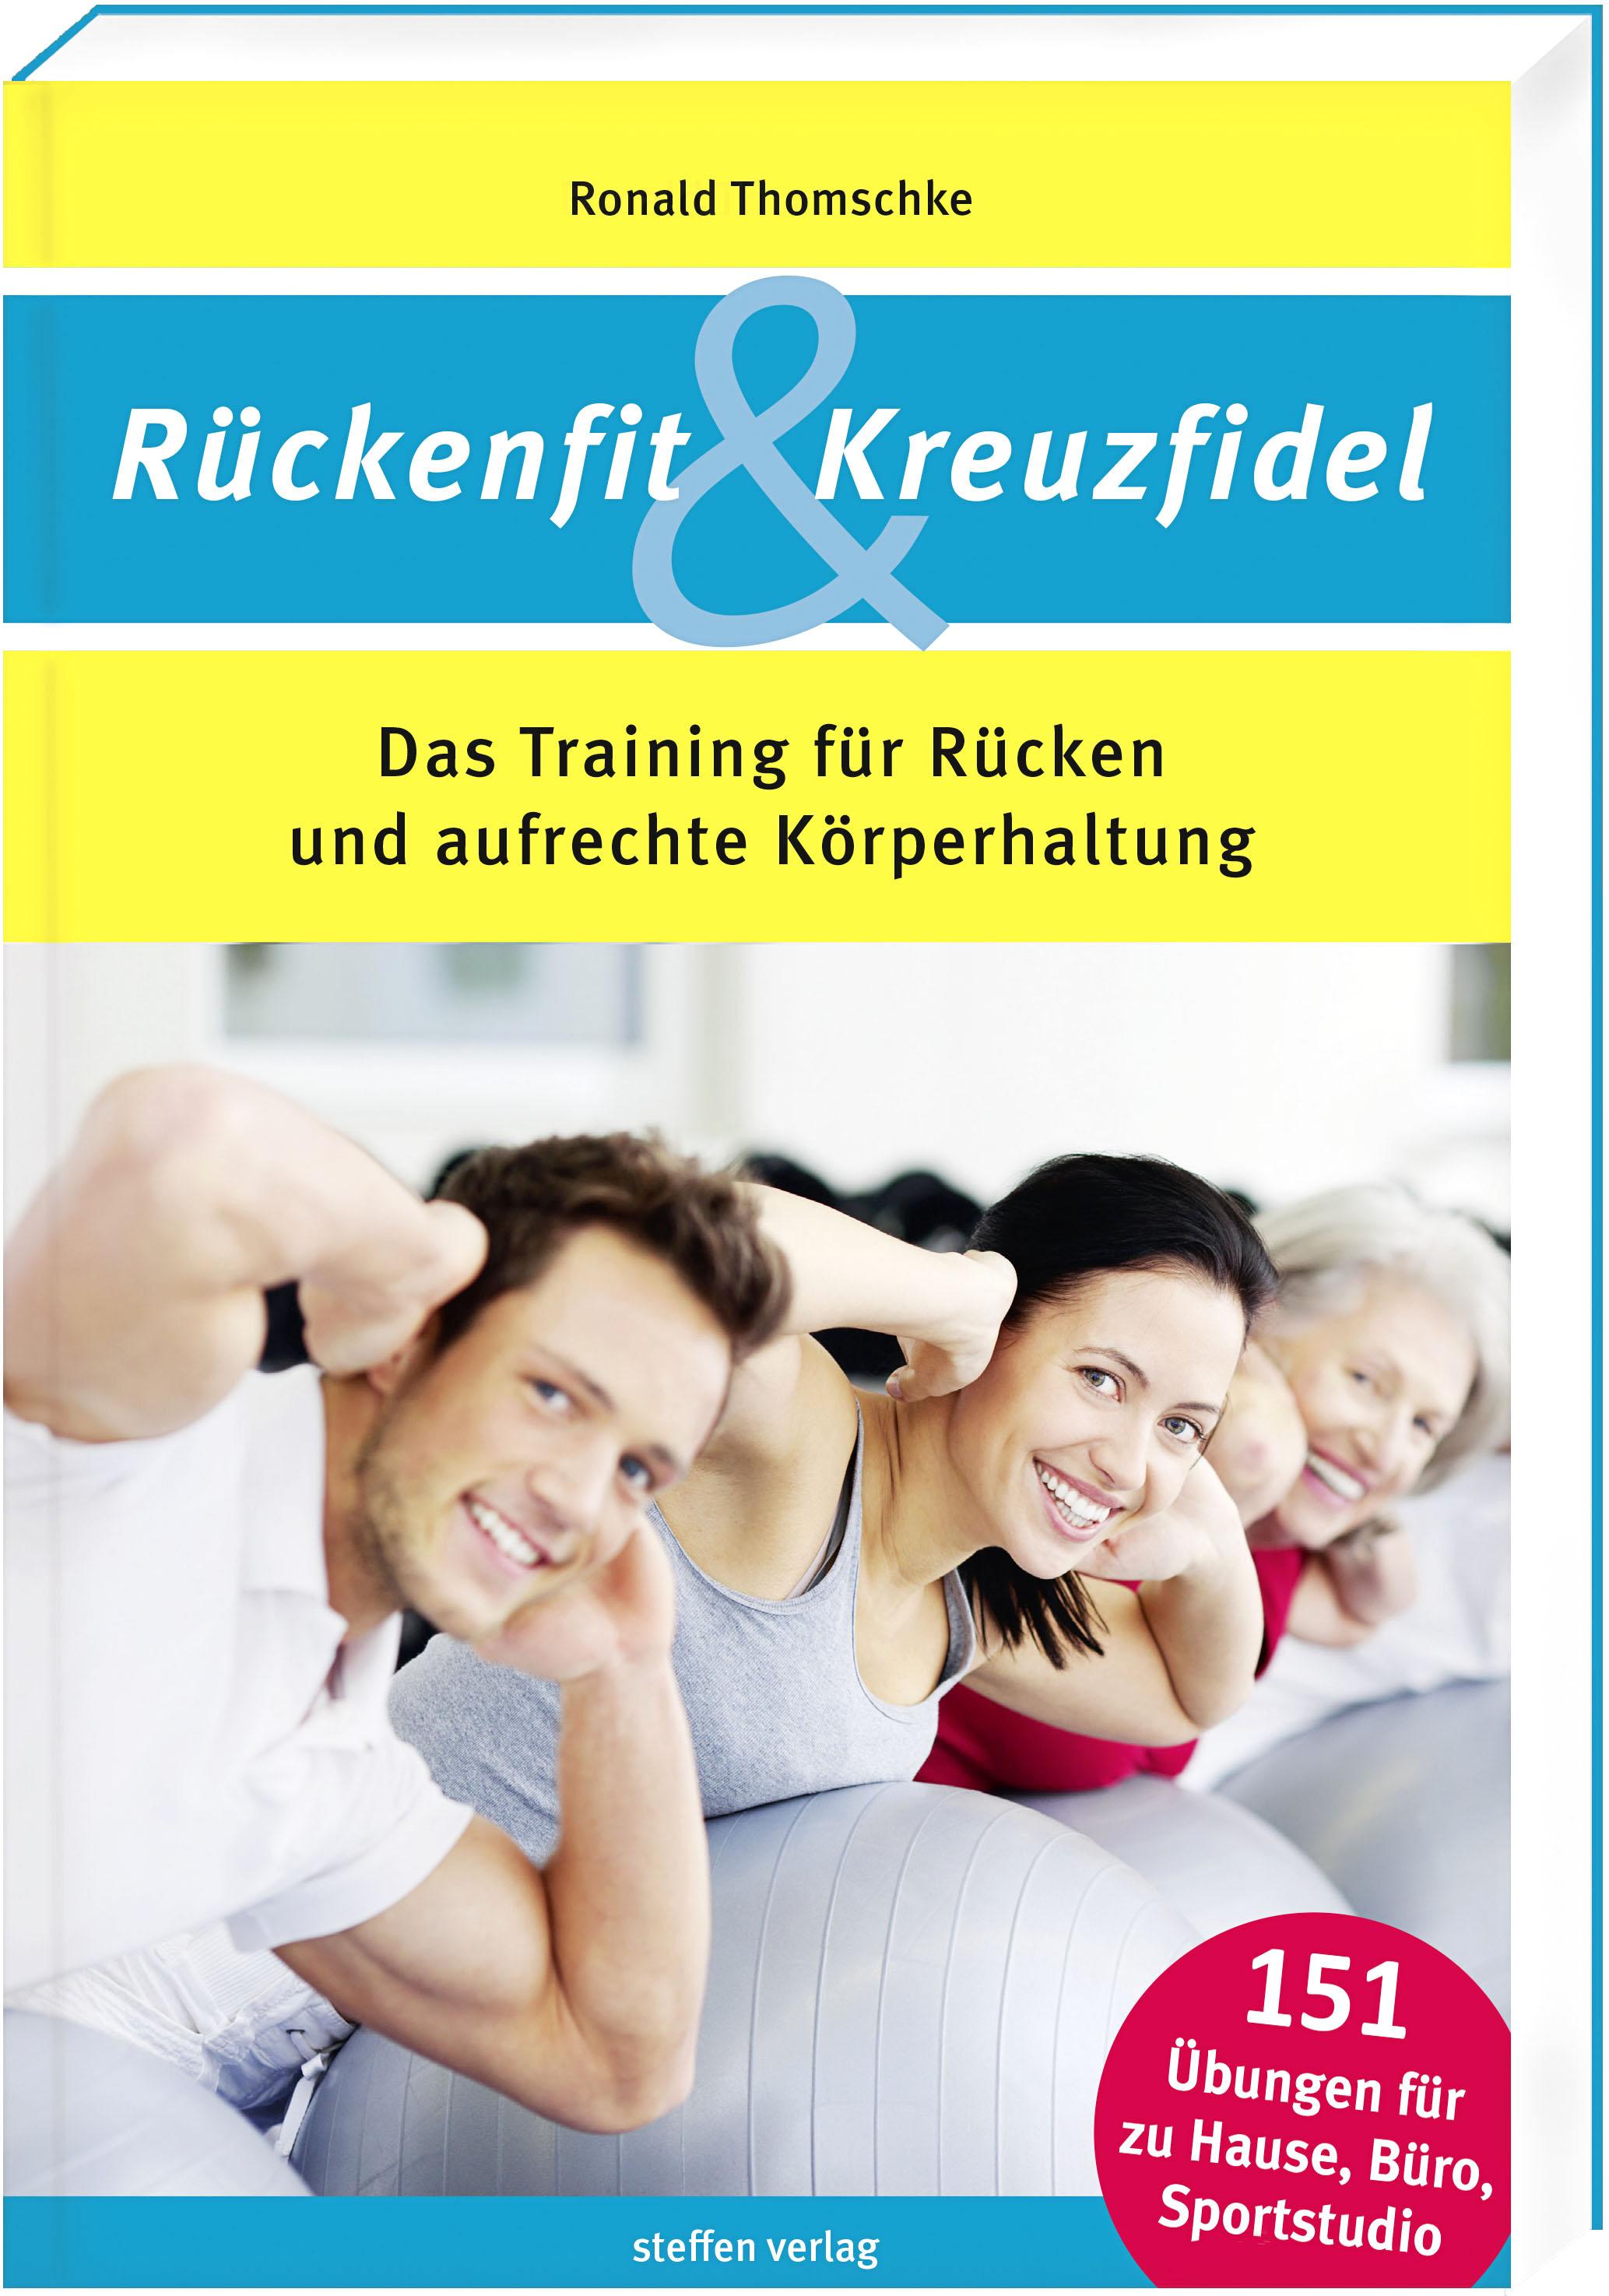 Thomschke_Rueckenfit-Kreuzfidel9En3sSWTltiZD